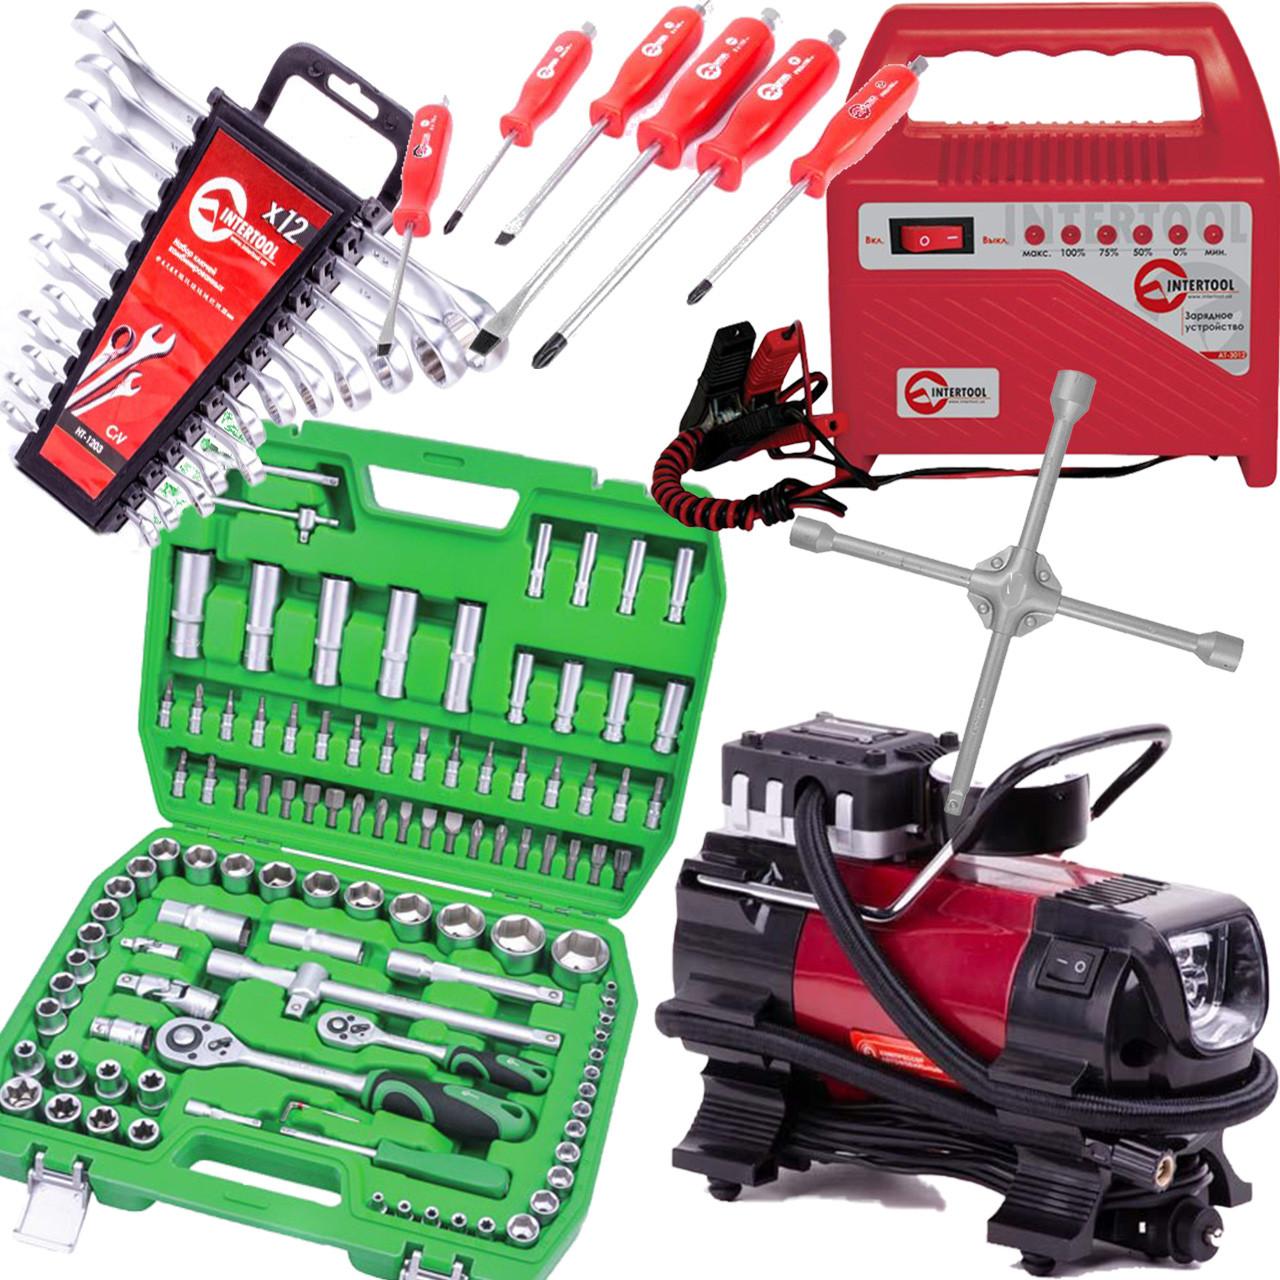 ✅ Подарочный набор 6в1 INTERTOOL набор инструментов 108 ед. ET-6108SP, набор ключей 12 шт HT-1203, набор